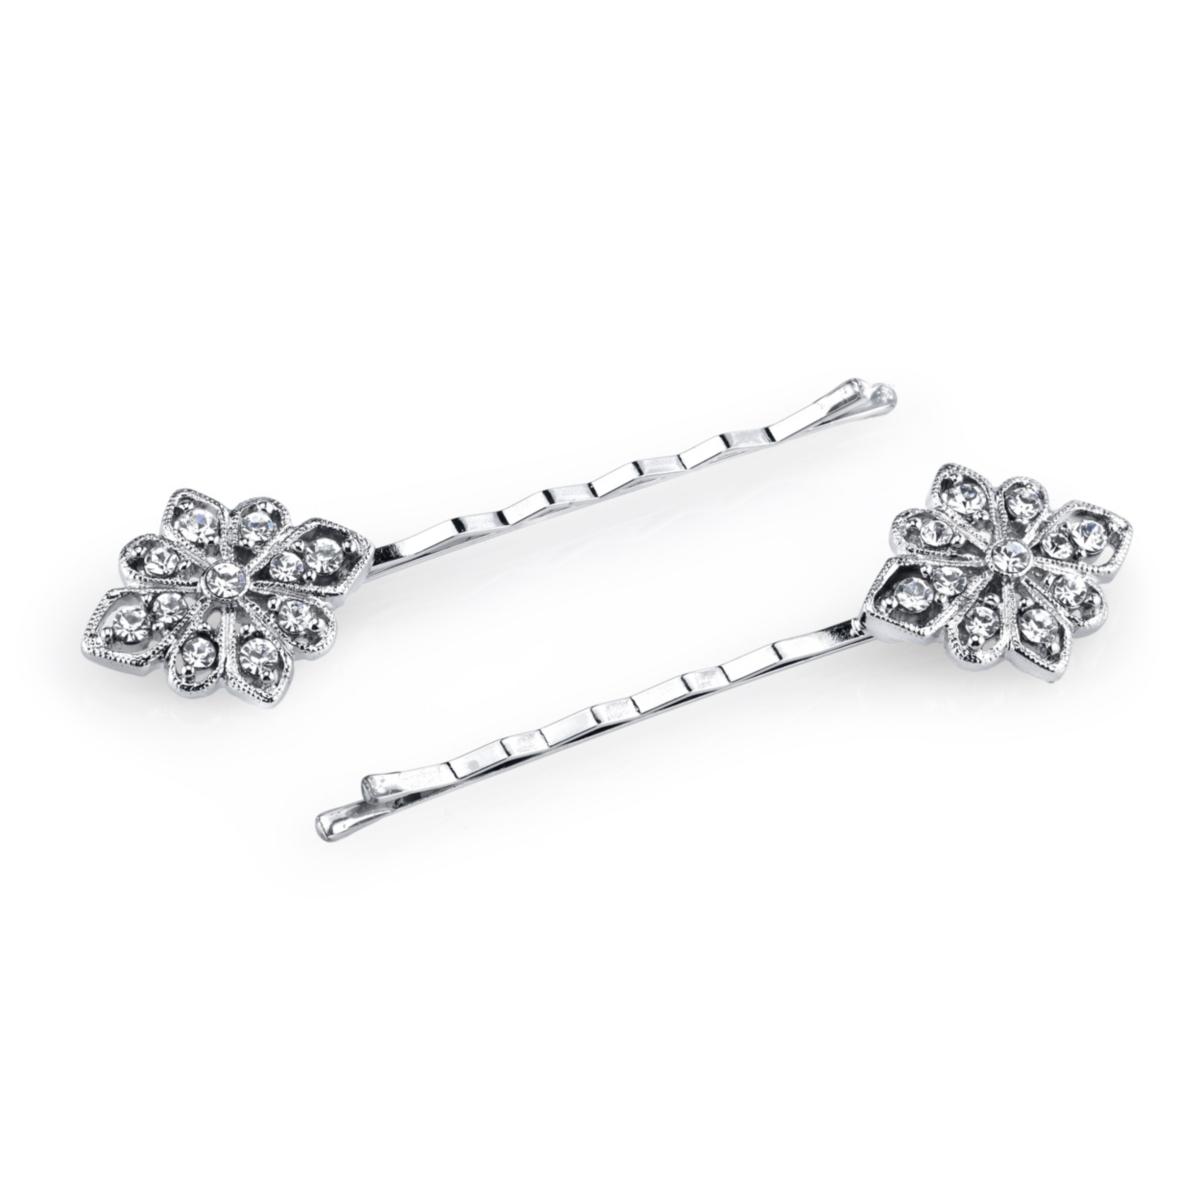 2028 Silver-Tone Crystal Bobby Pin Set